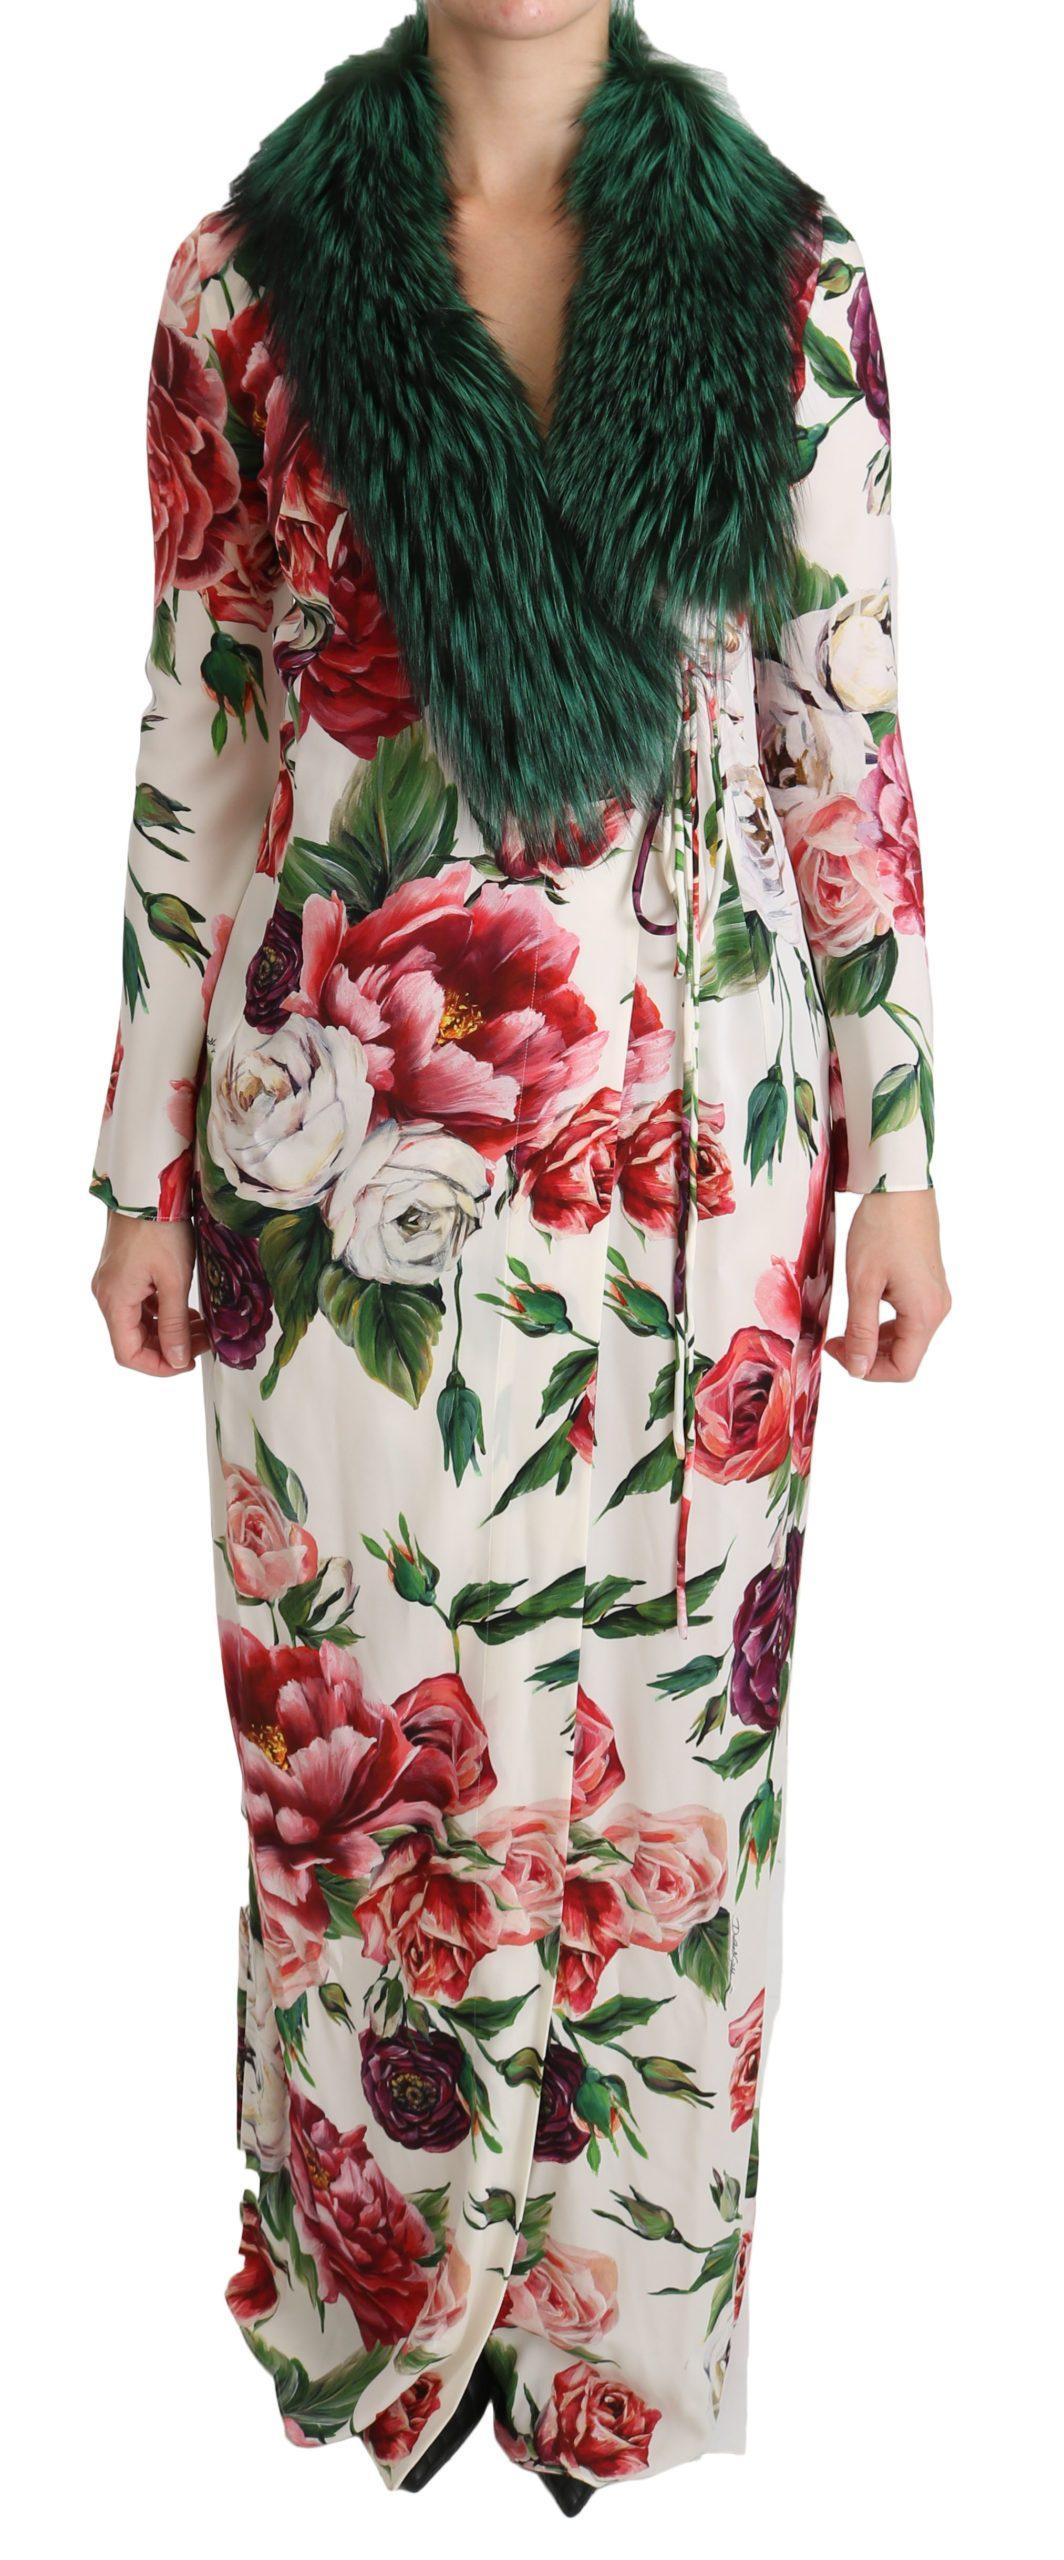 Dolce & Gabbana Women's Floral Shift Fur Silk Dress White DR2141 - IT36   XS